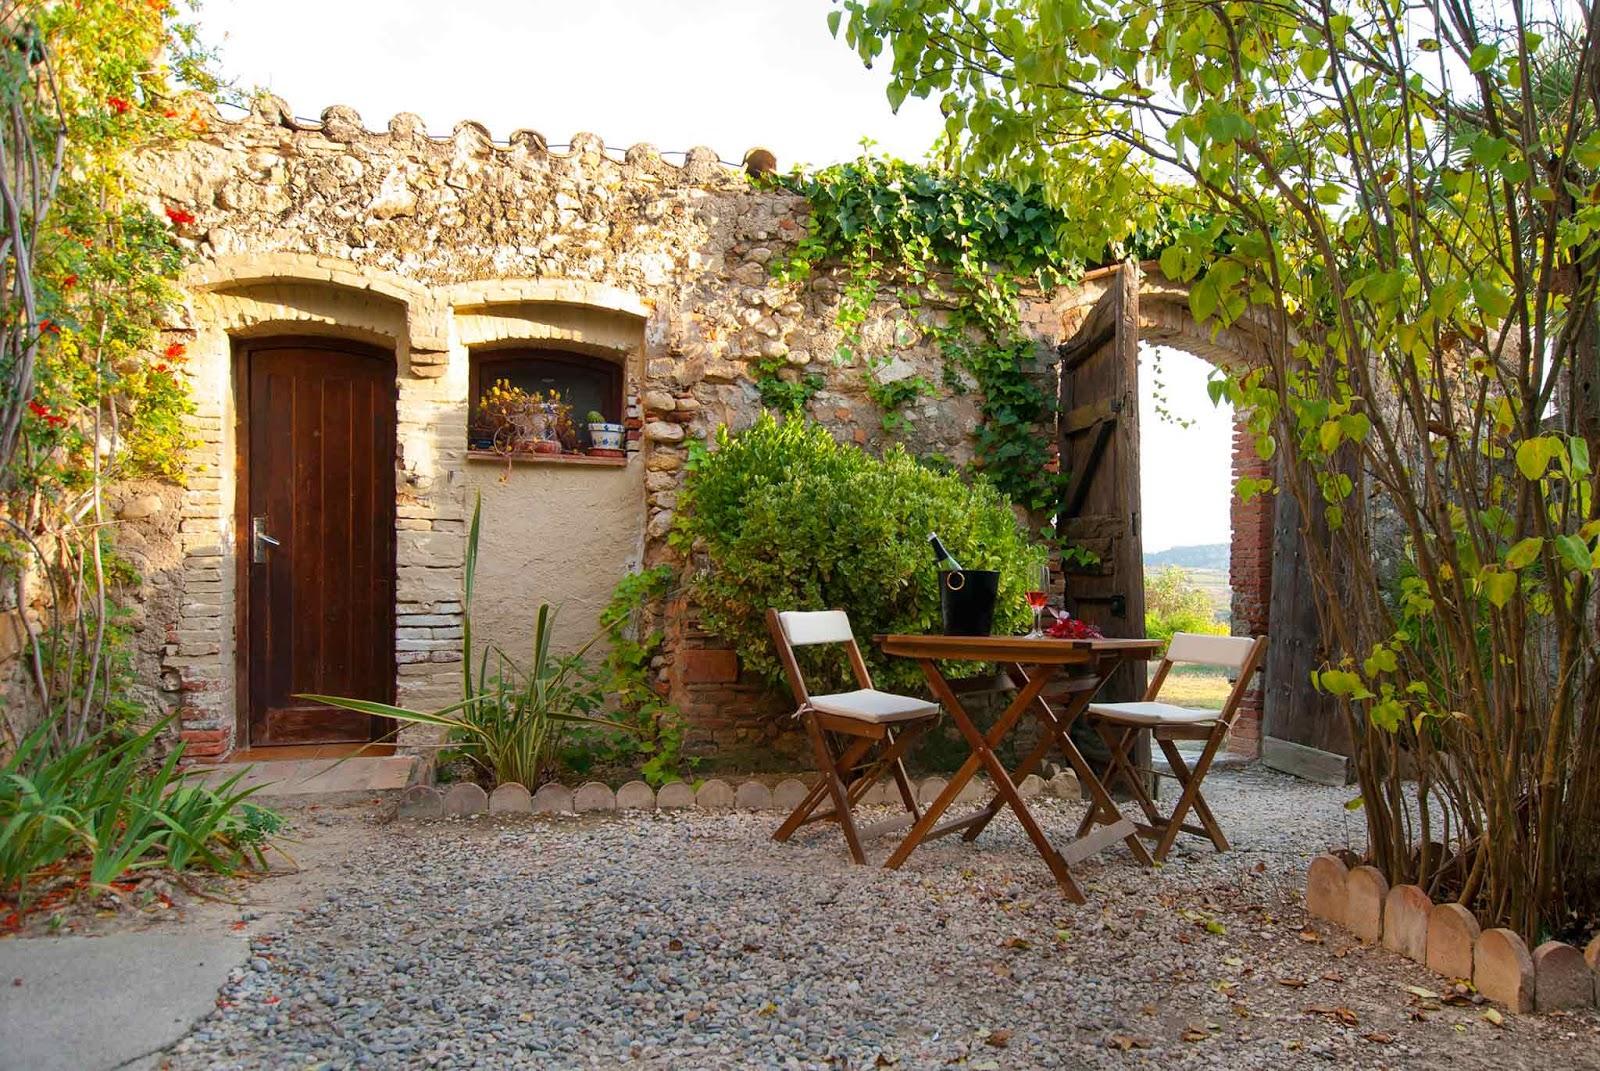 Blogs de turismo las casas rurales en catalu a alcanzan una ocupaci n en la segunda pascua de - Casa rurales en cataluna ...